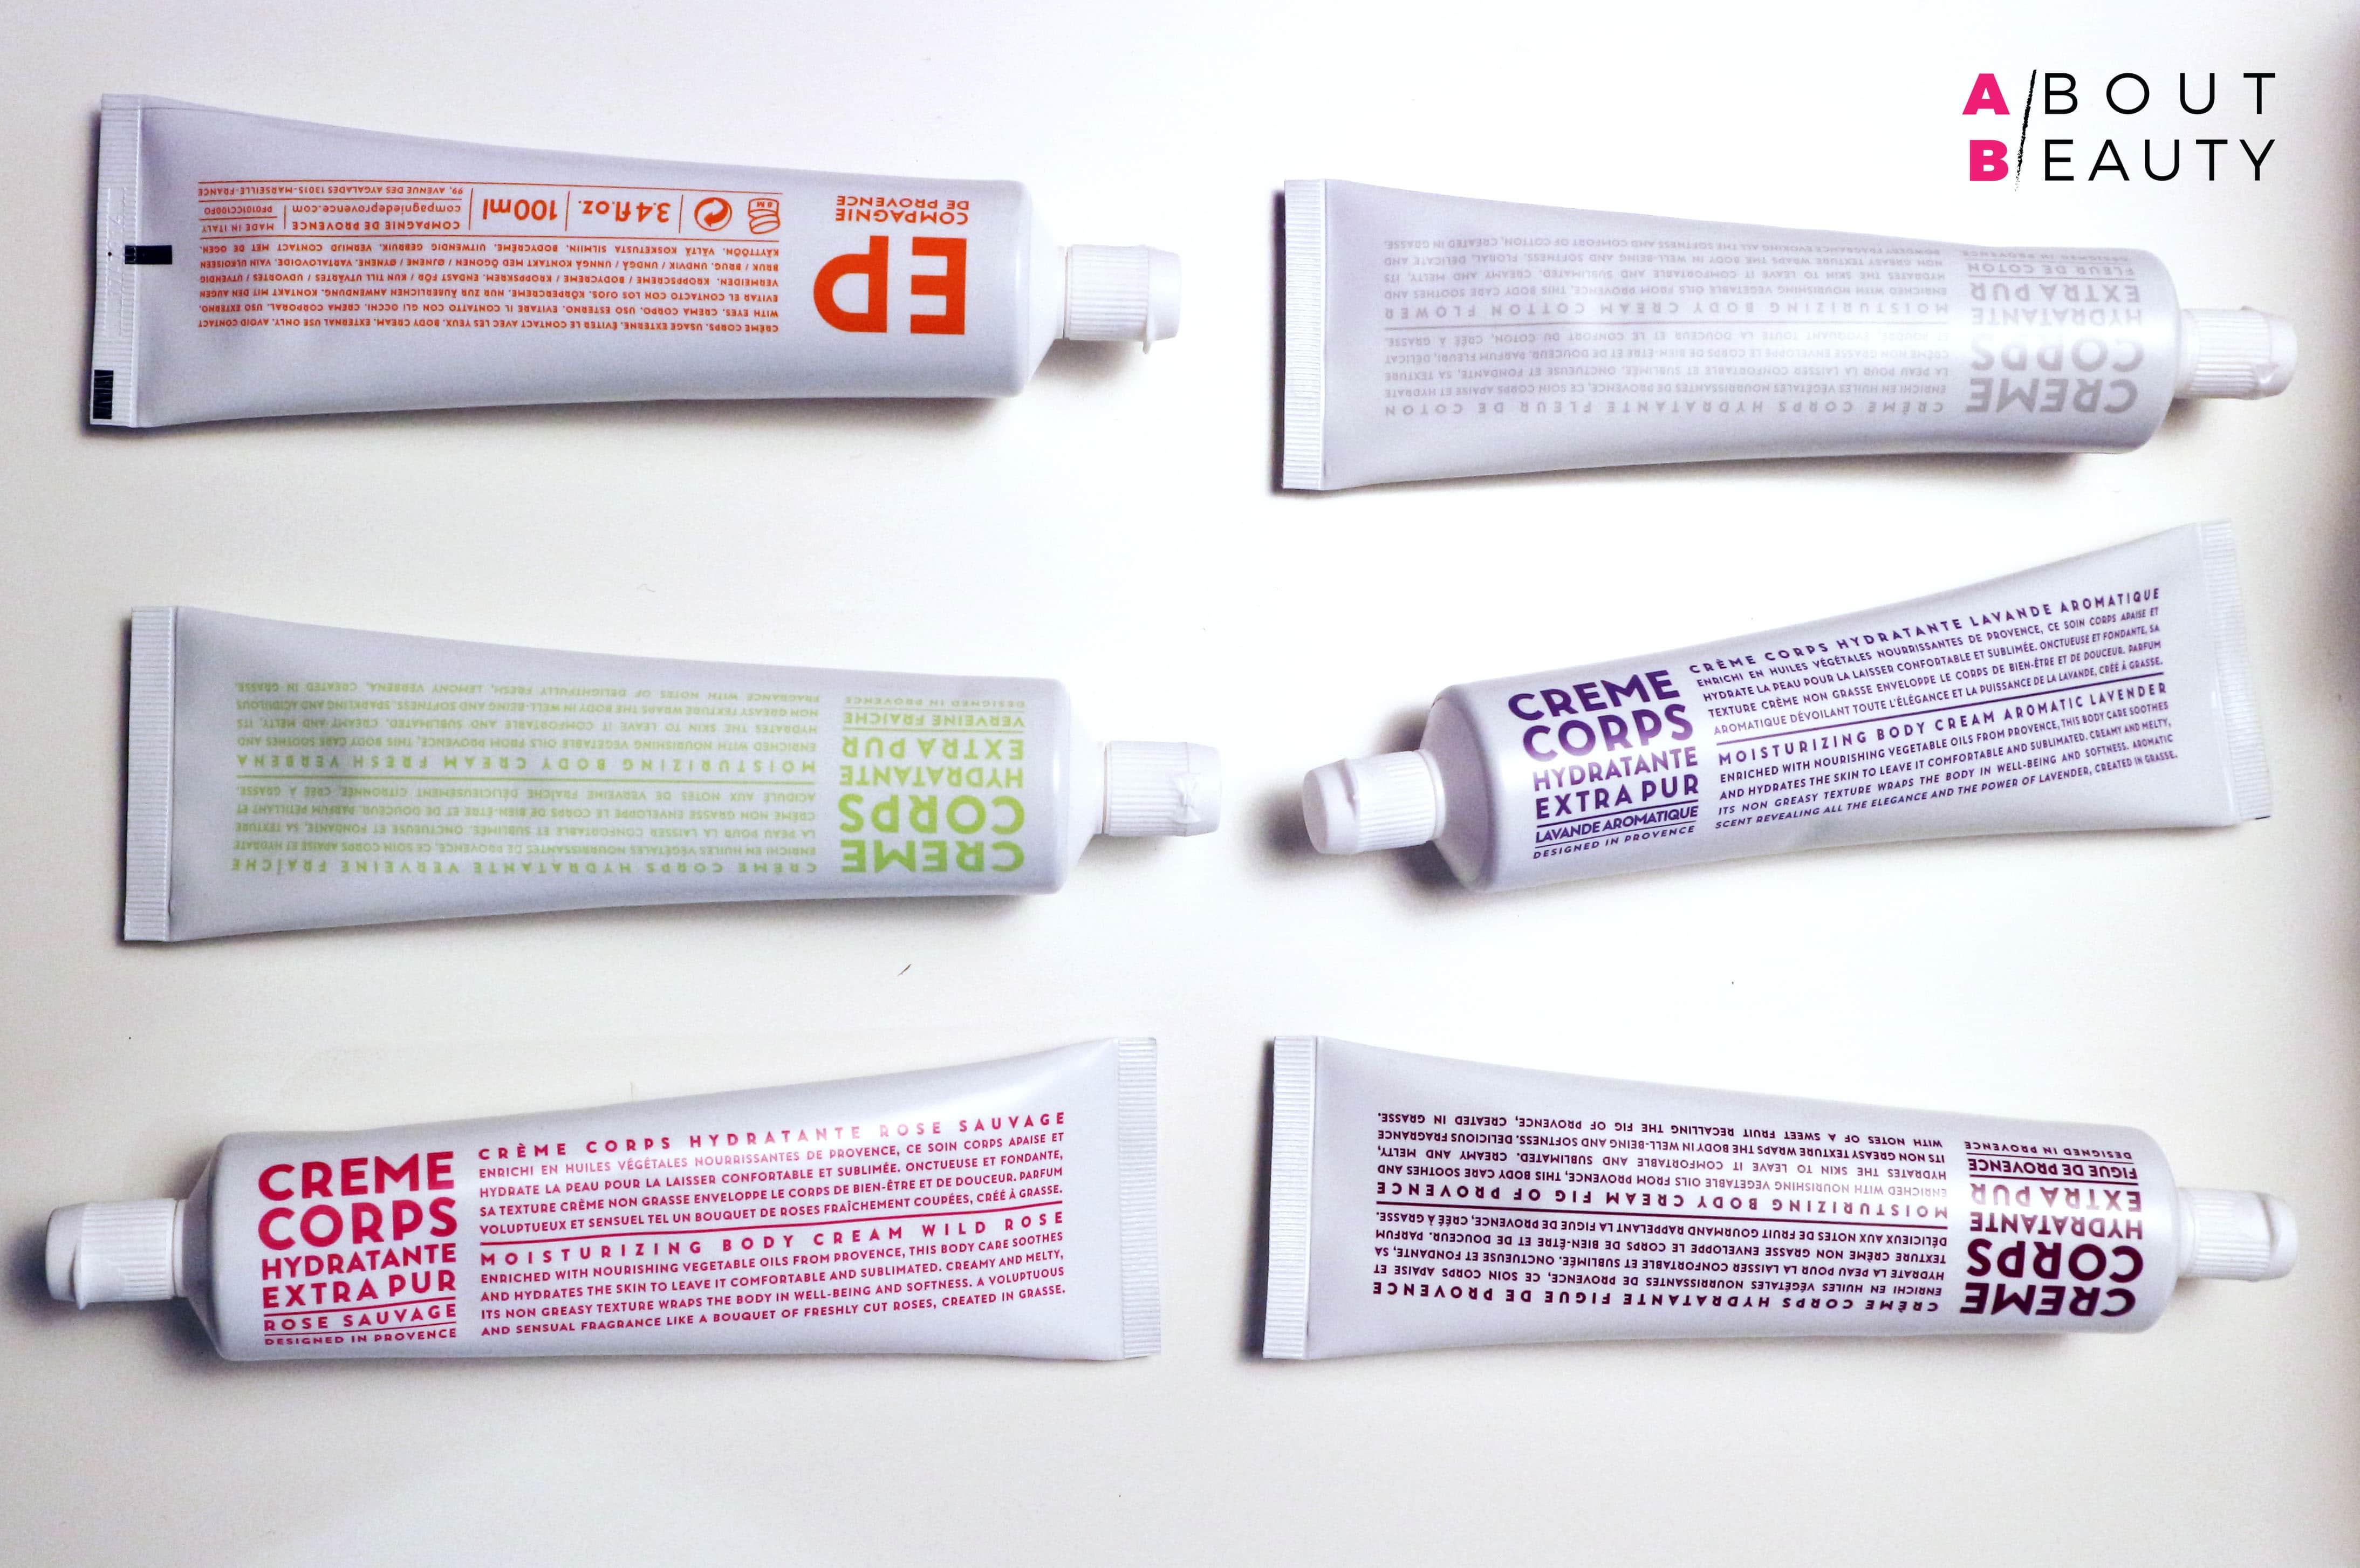 Extra Pur Compagnie de Provence, Creme mani - Info, foto, prezzo, recensione, INCI